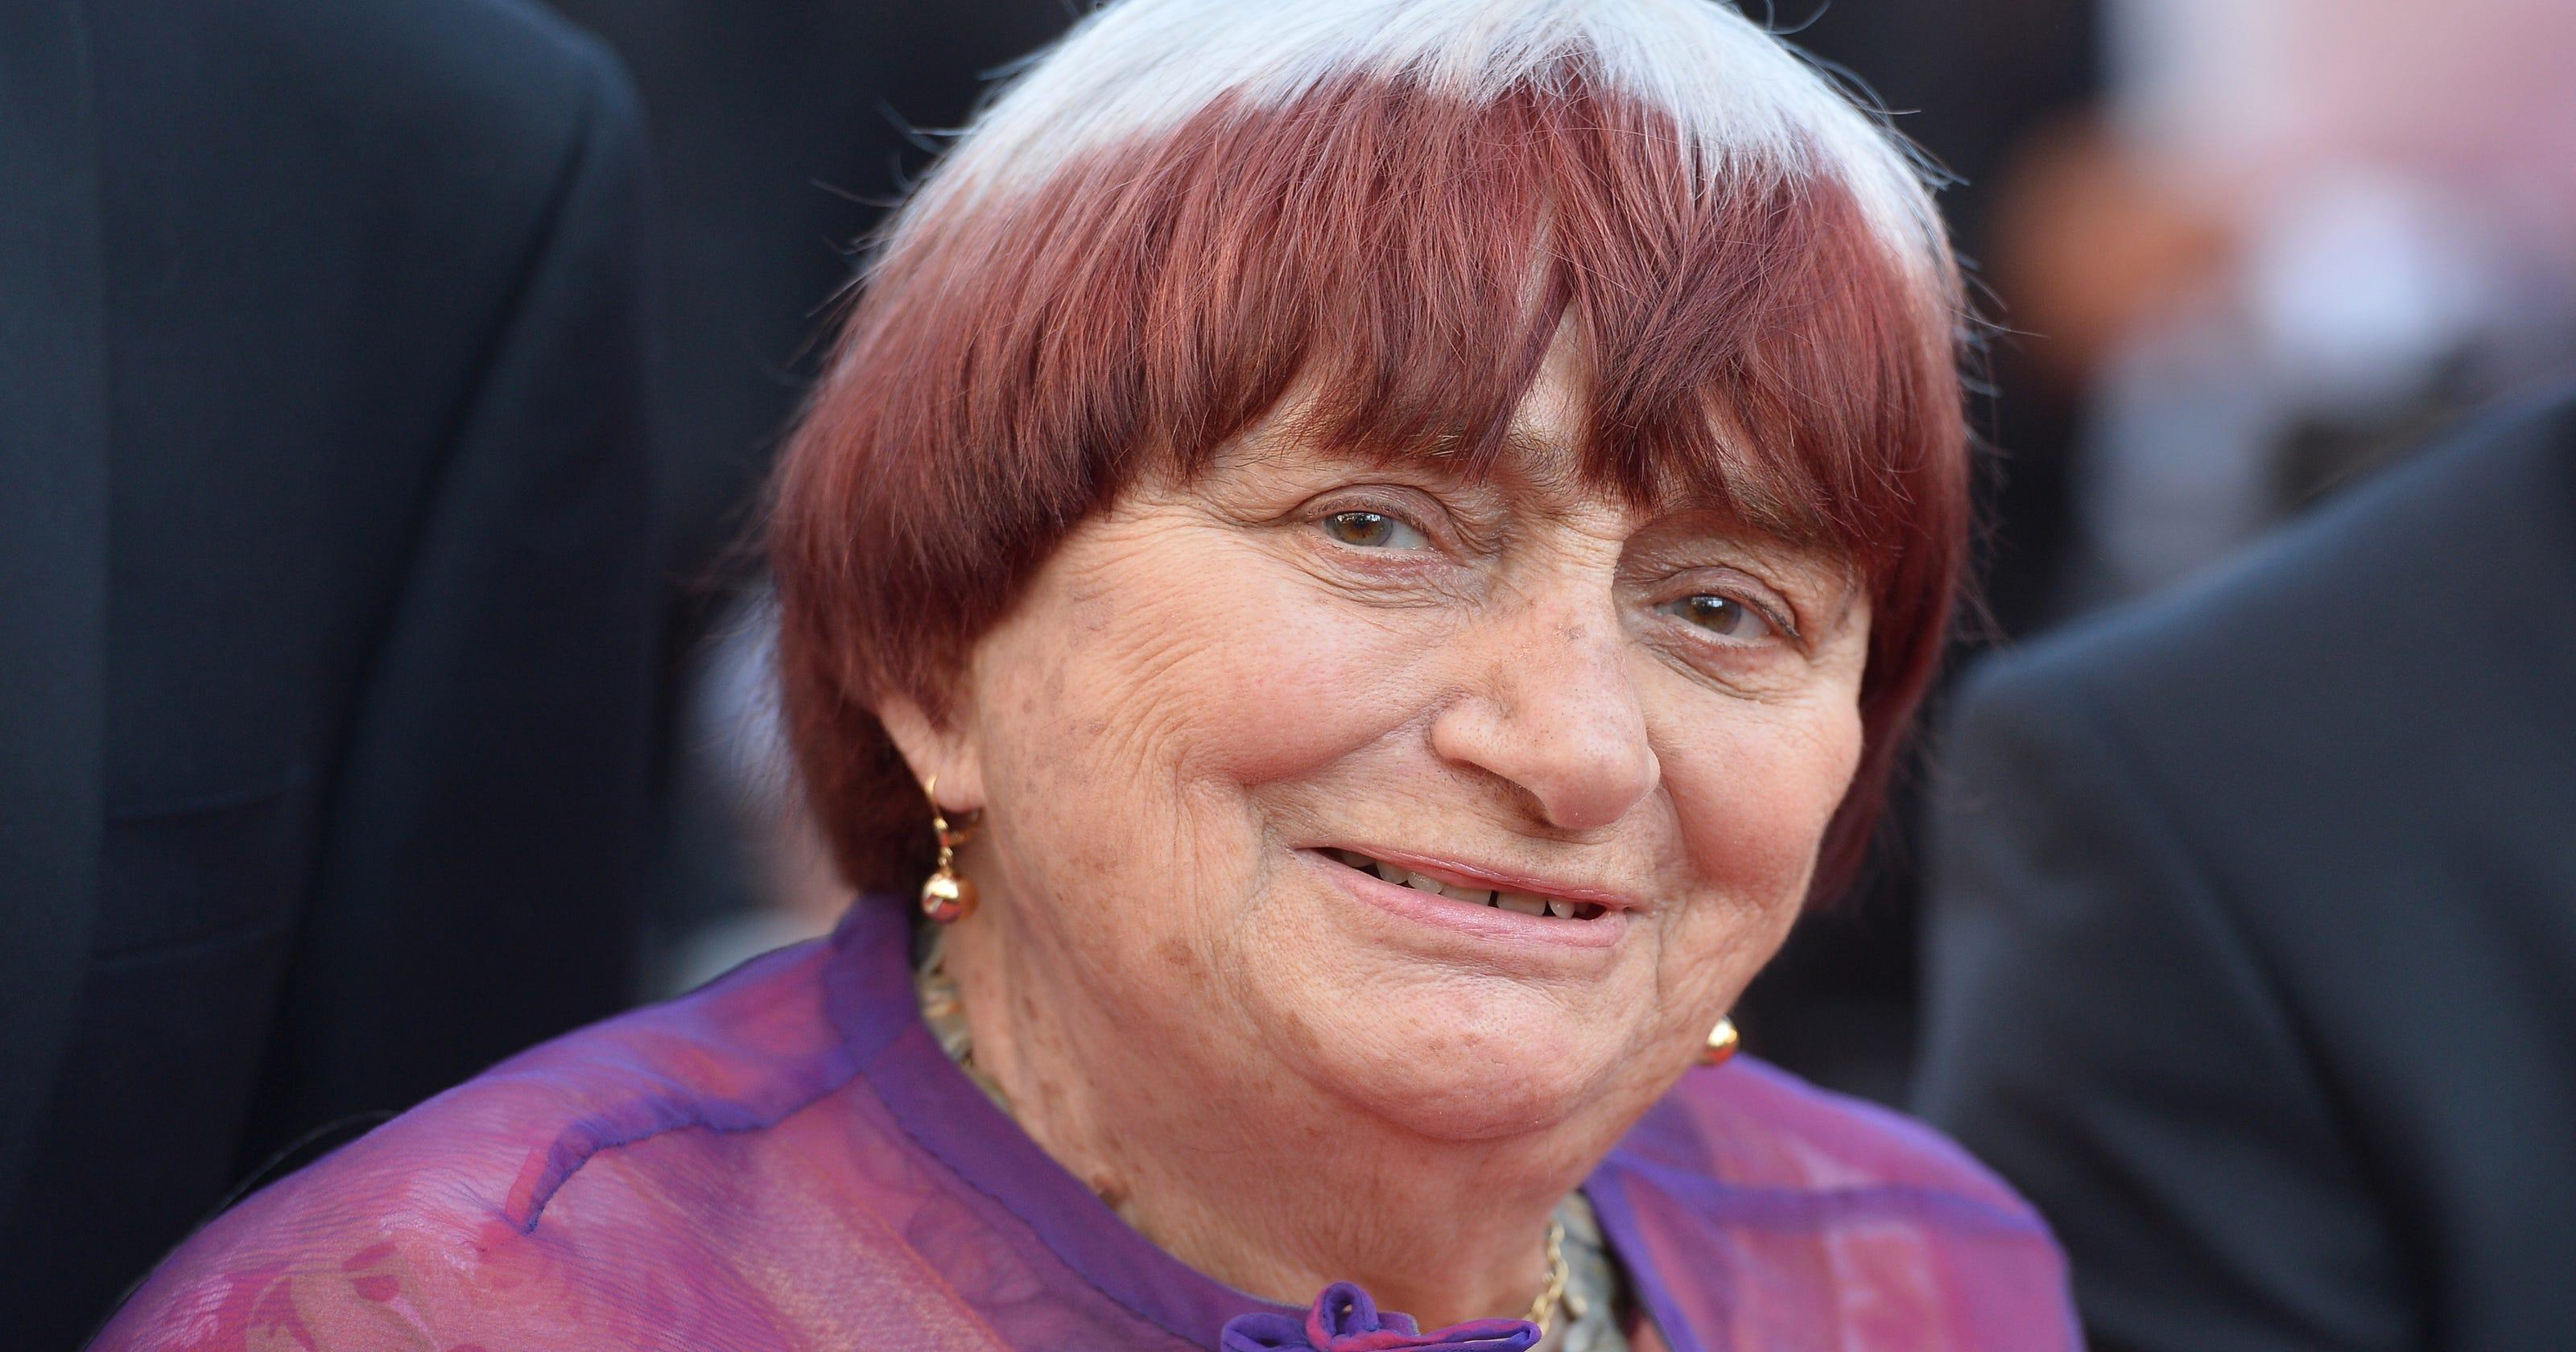 Agnes Varda, French moviemaking pioneer, dies at 90